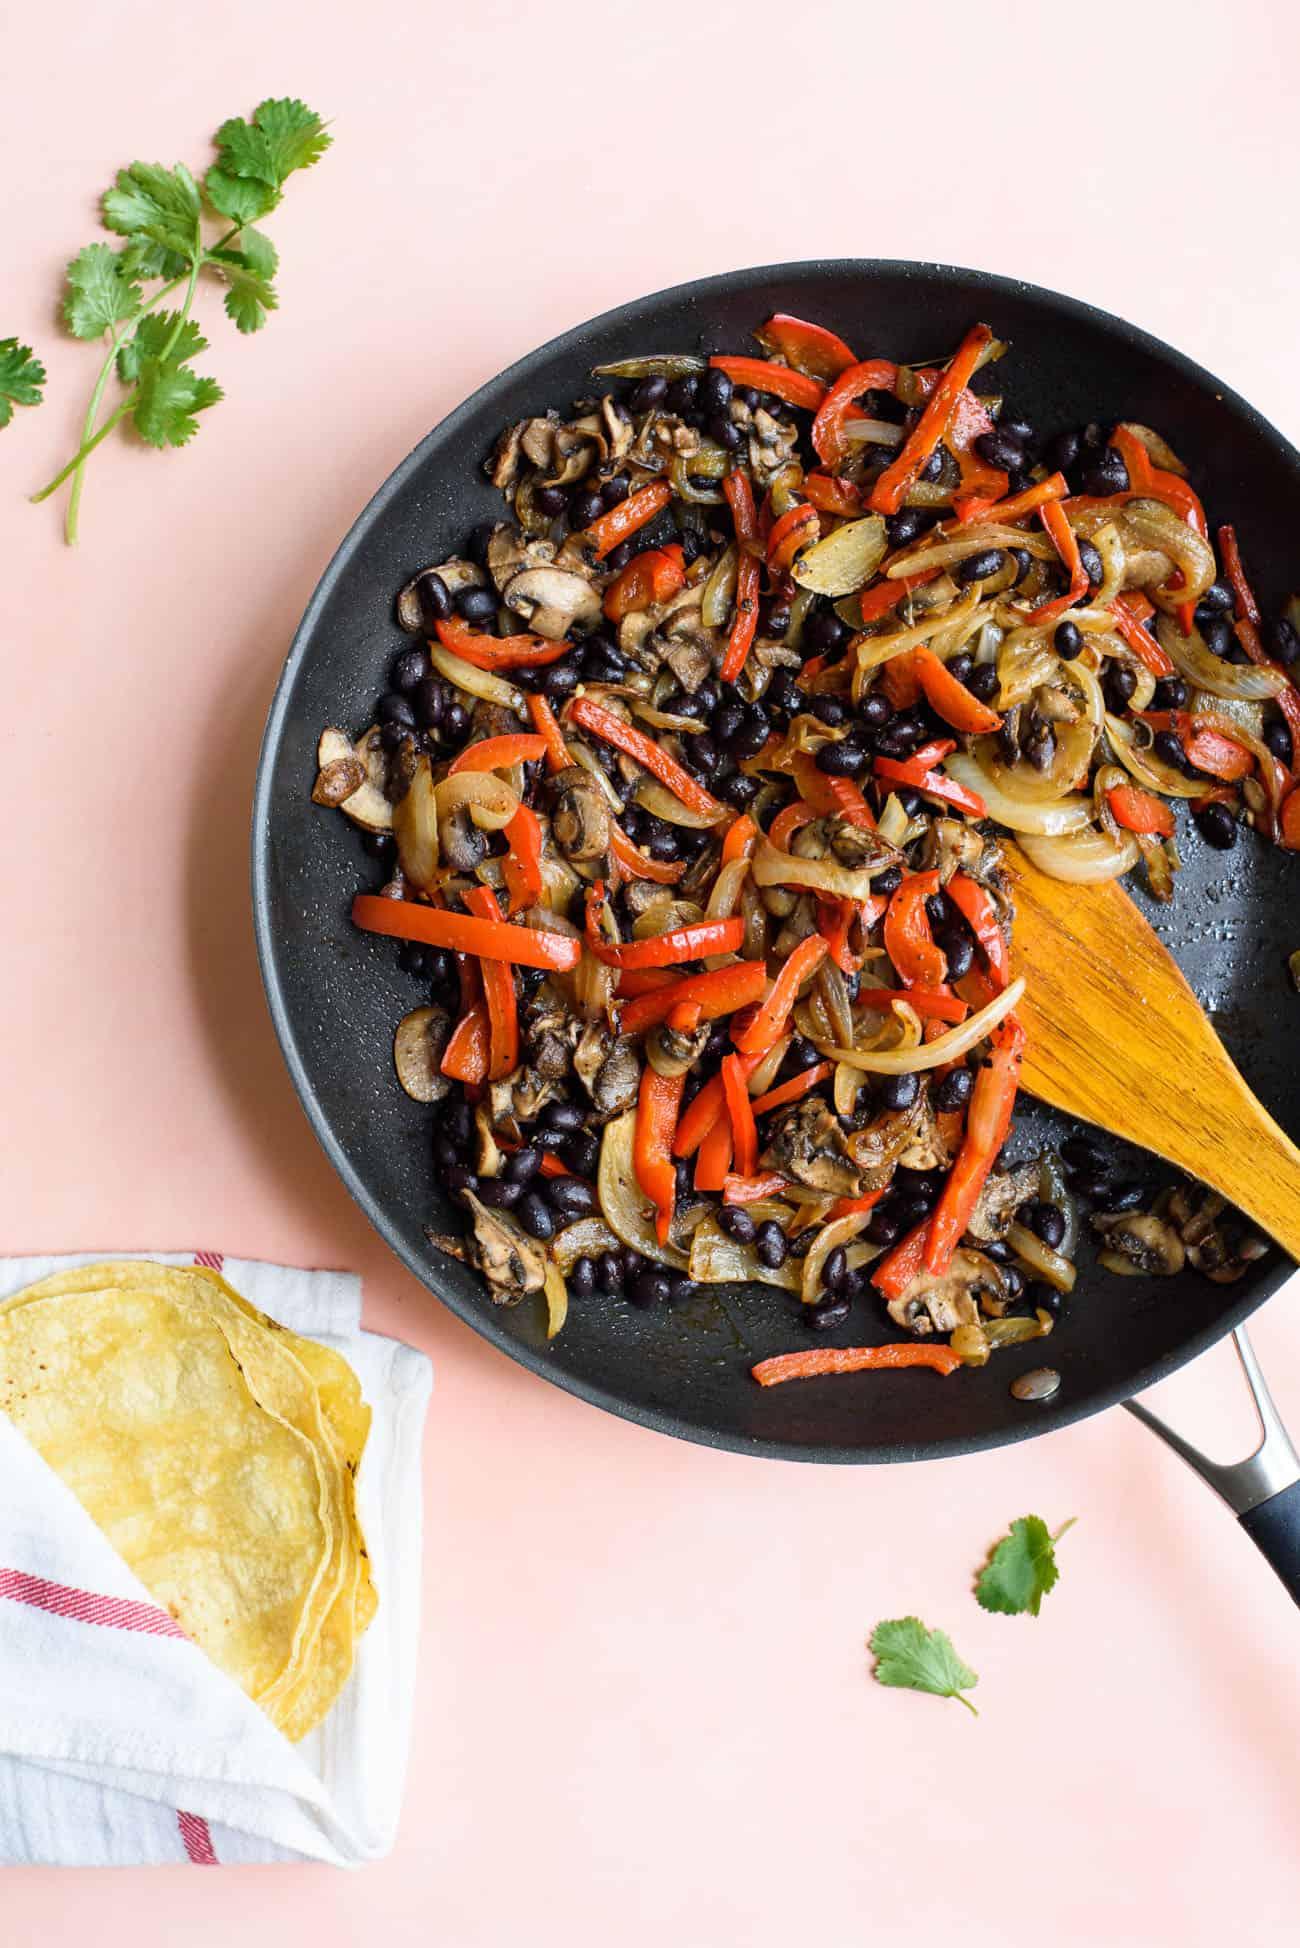 Fajita veggie filling for easy vegan tacos